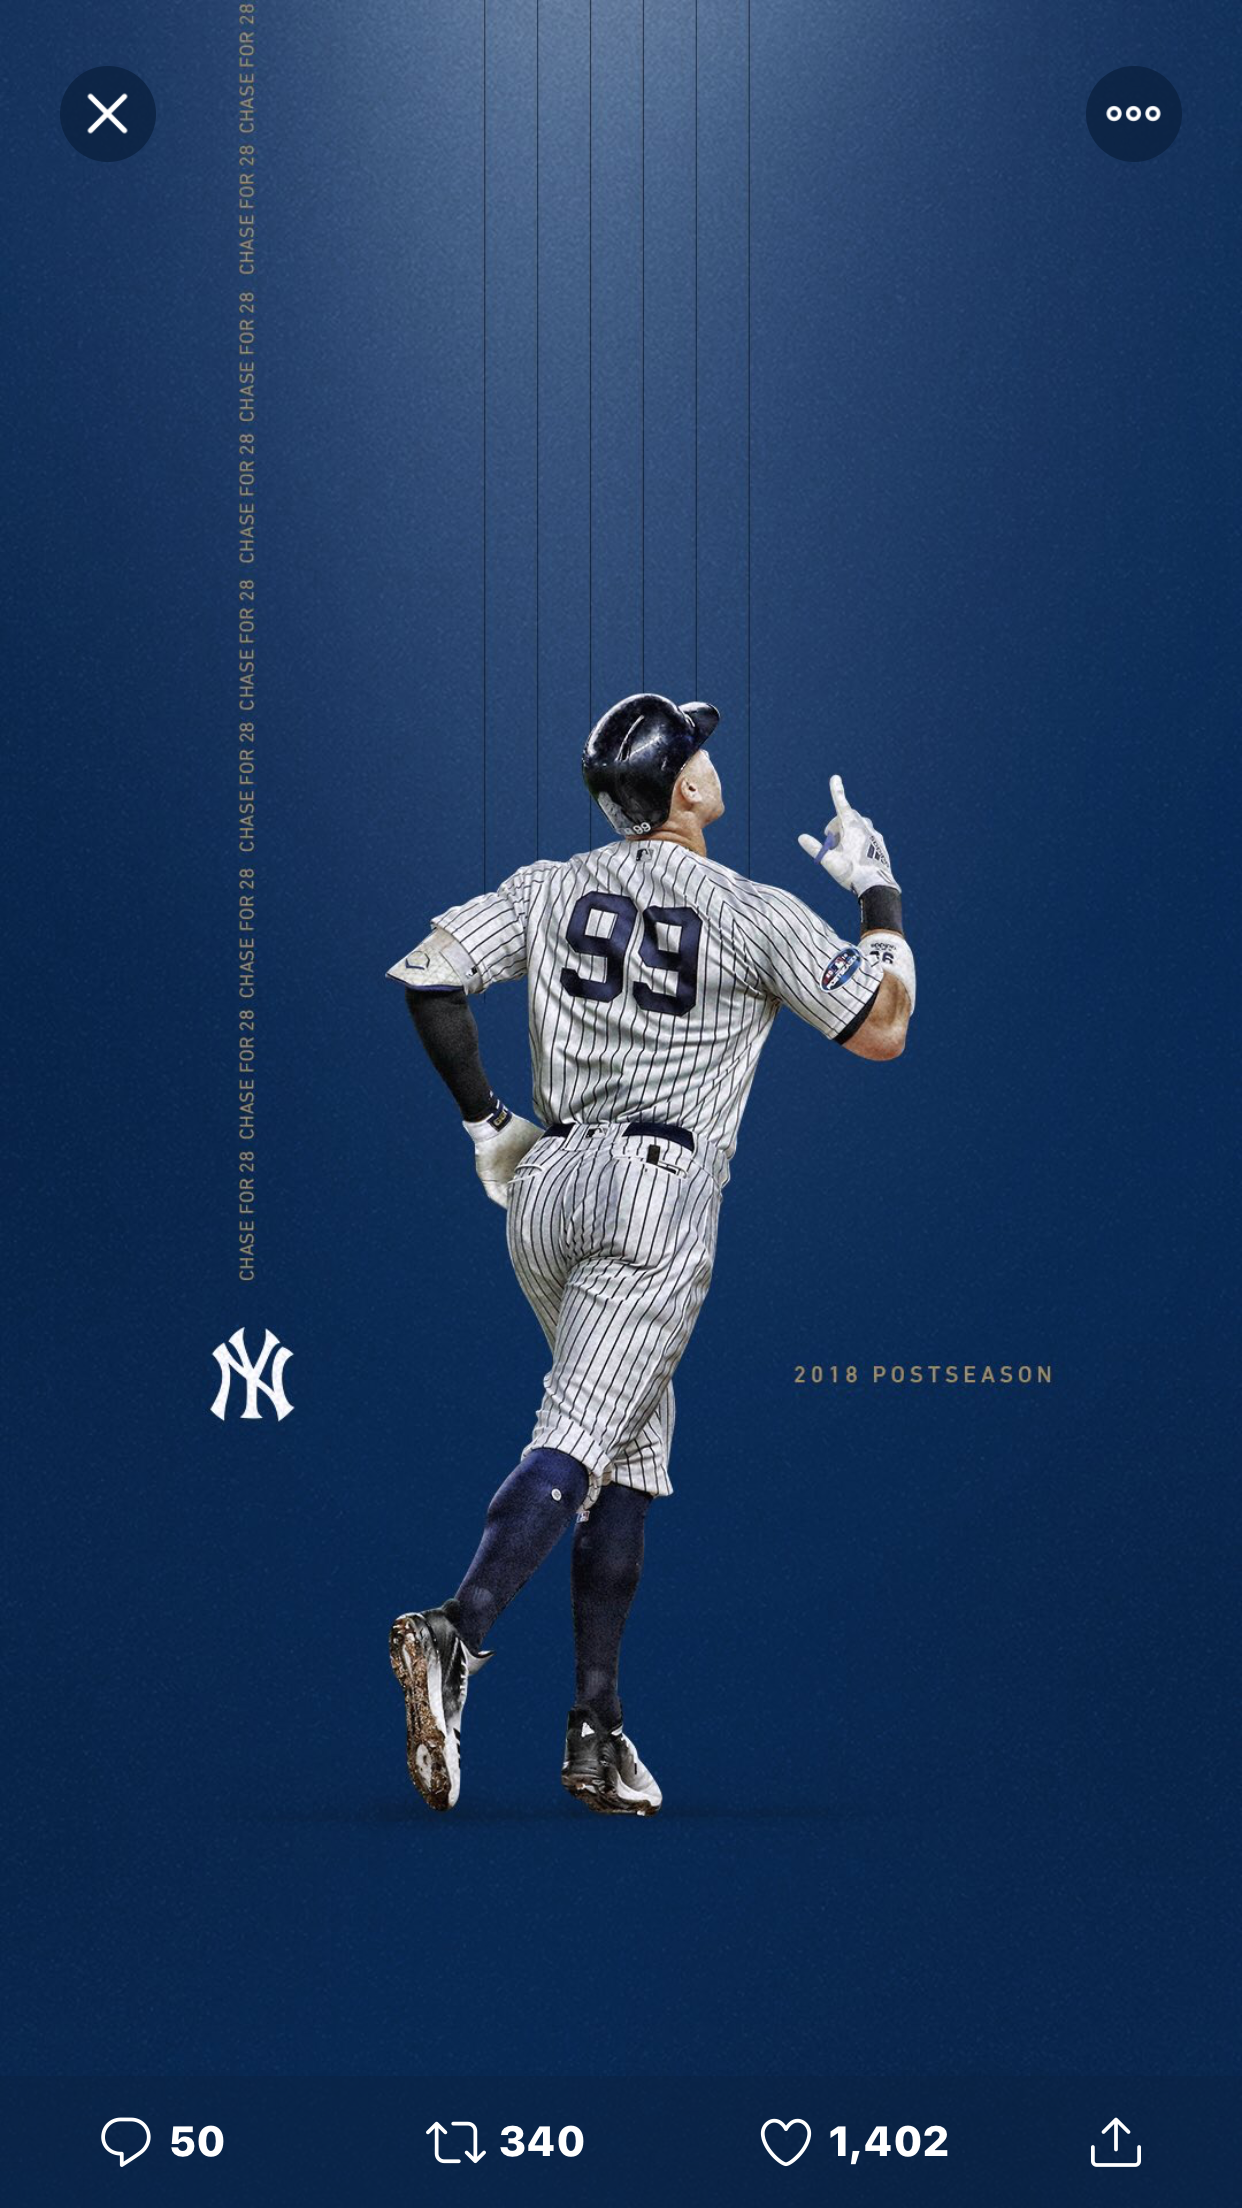 Aaron Judge New York Yankees Yankees Baseball Yankees Roster